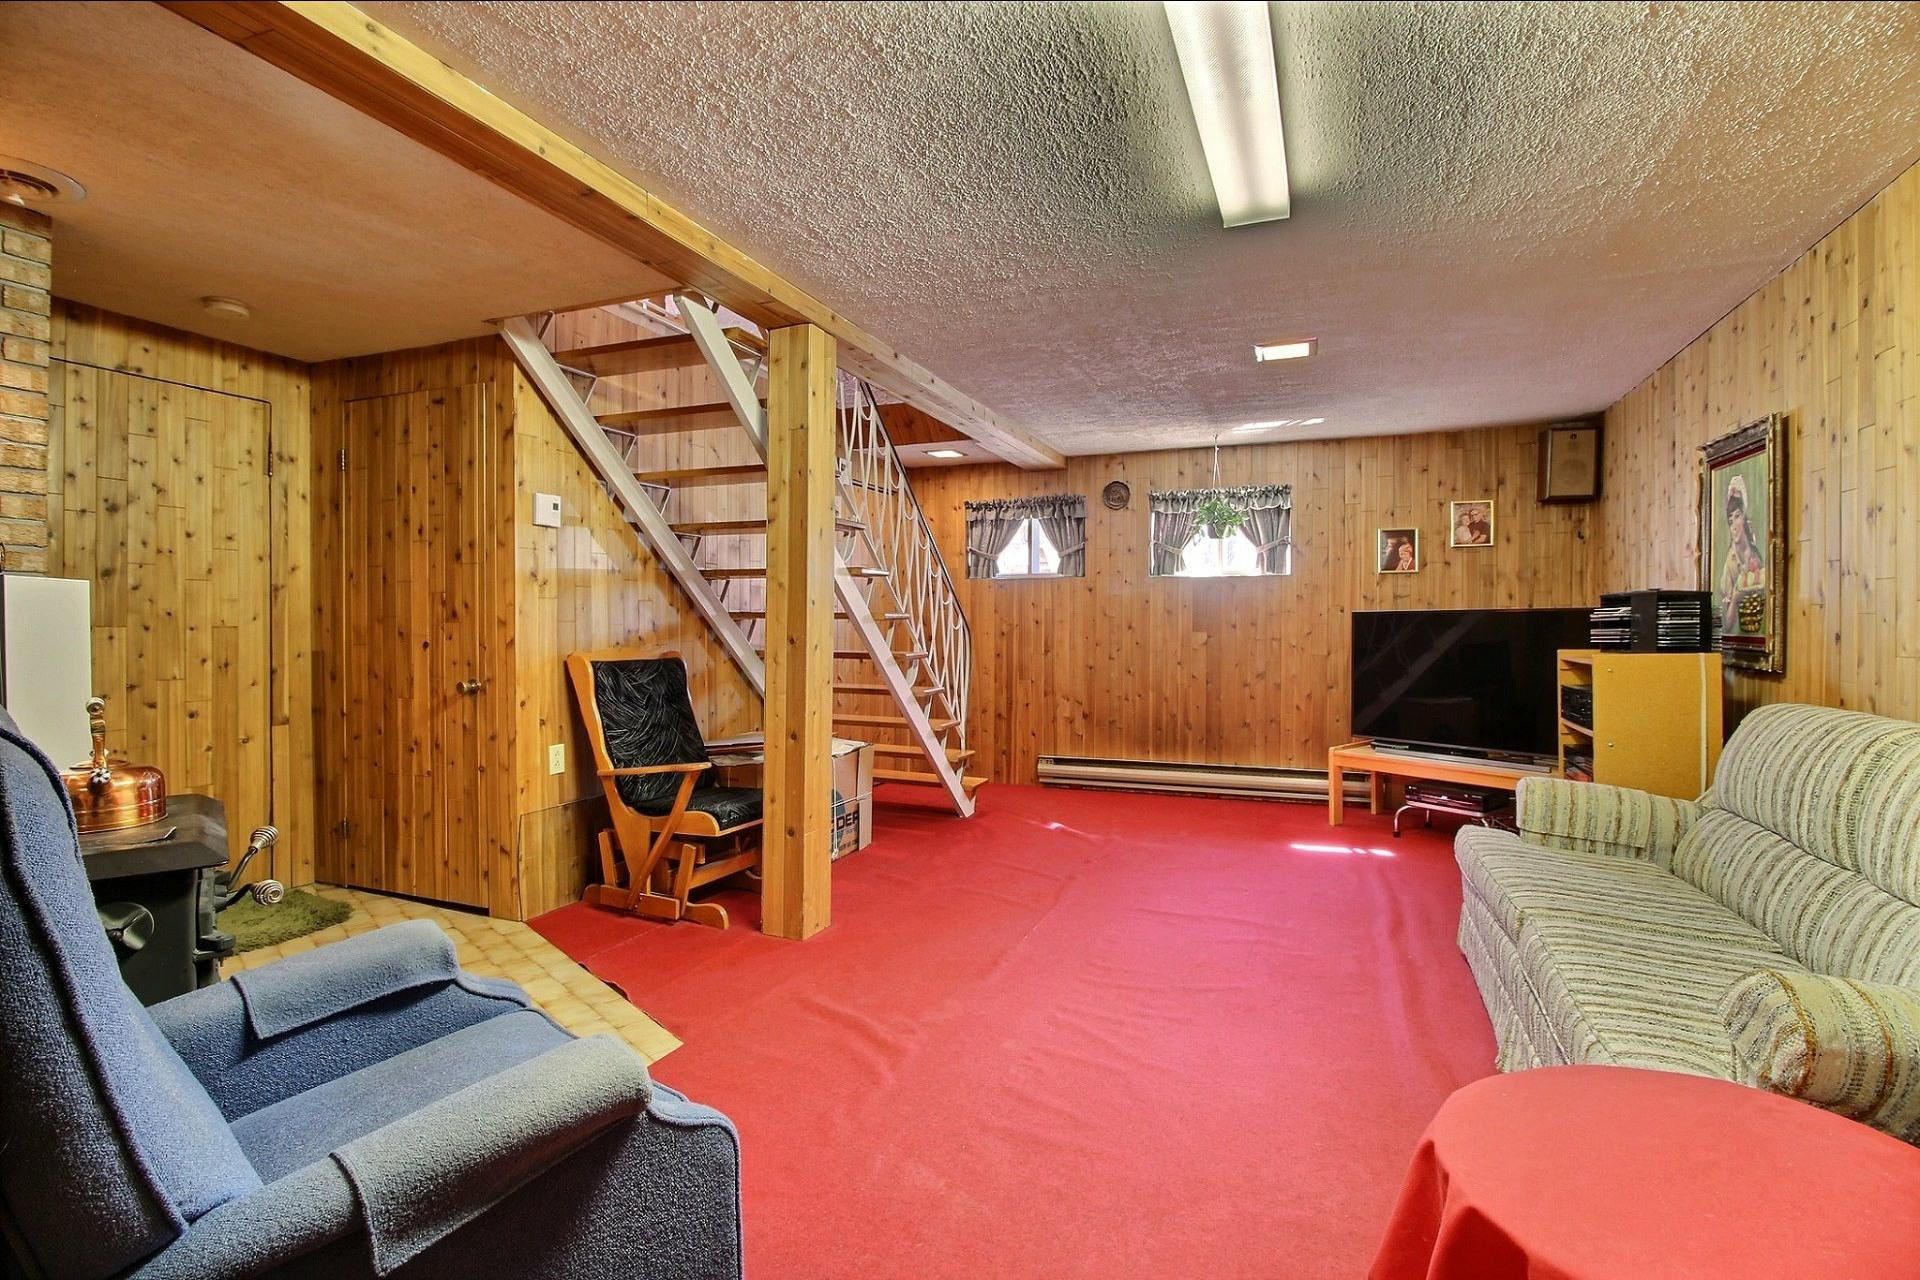 image 16 - Duplex For sale Montréal Rivière-des-Prairies/Pointe-aux-Trembles  - 6 rooms